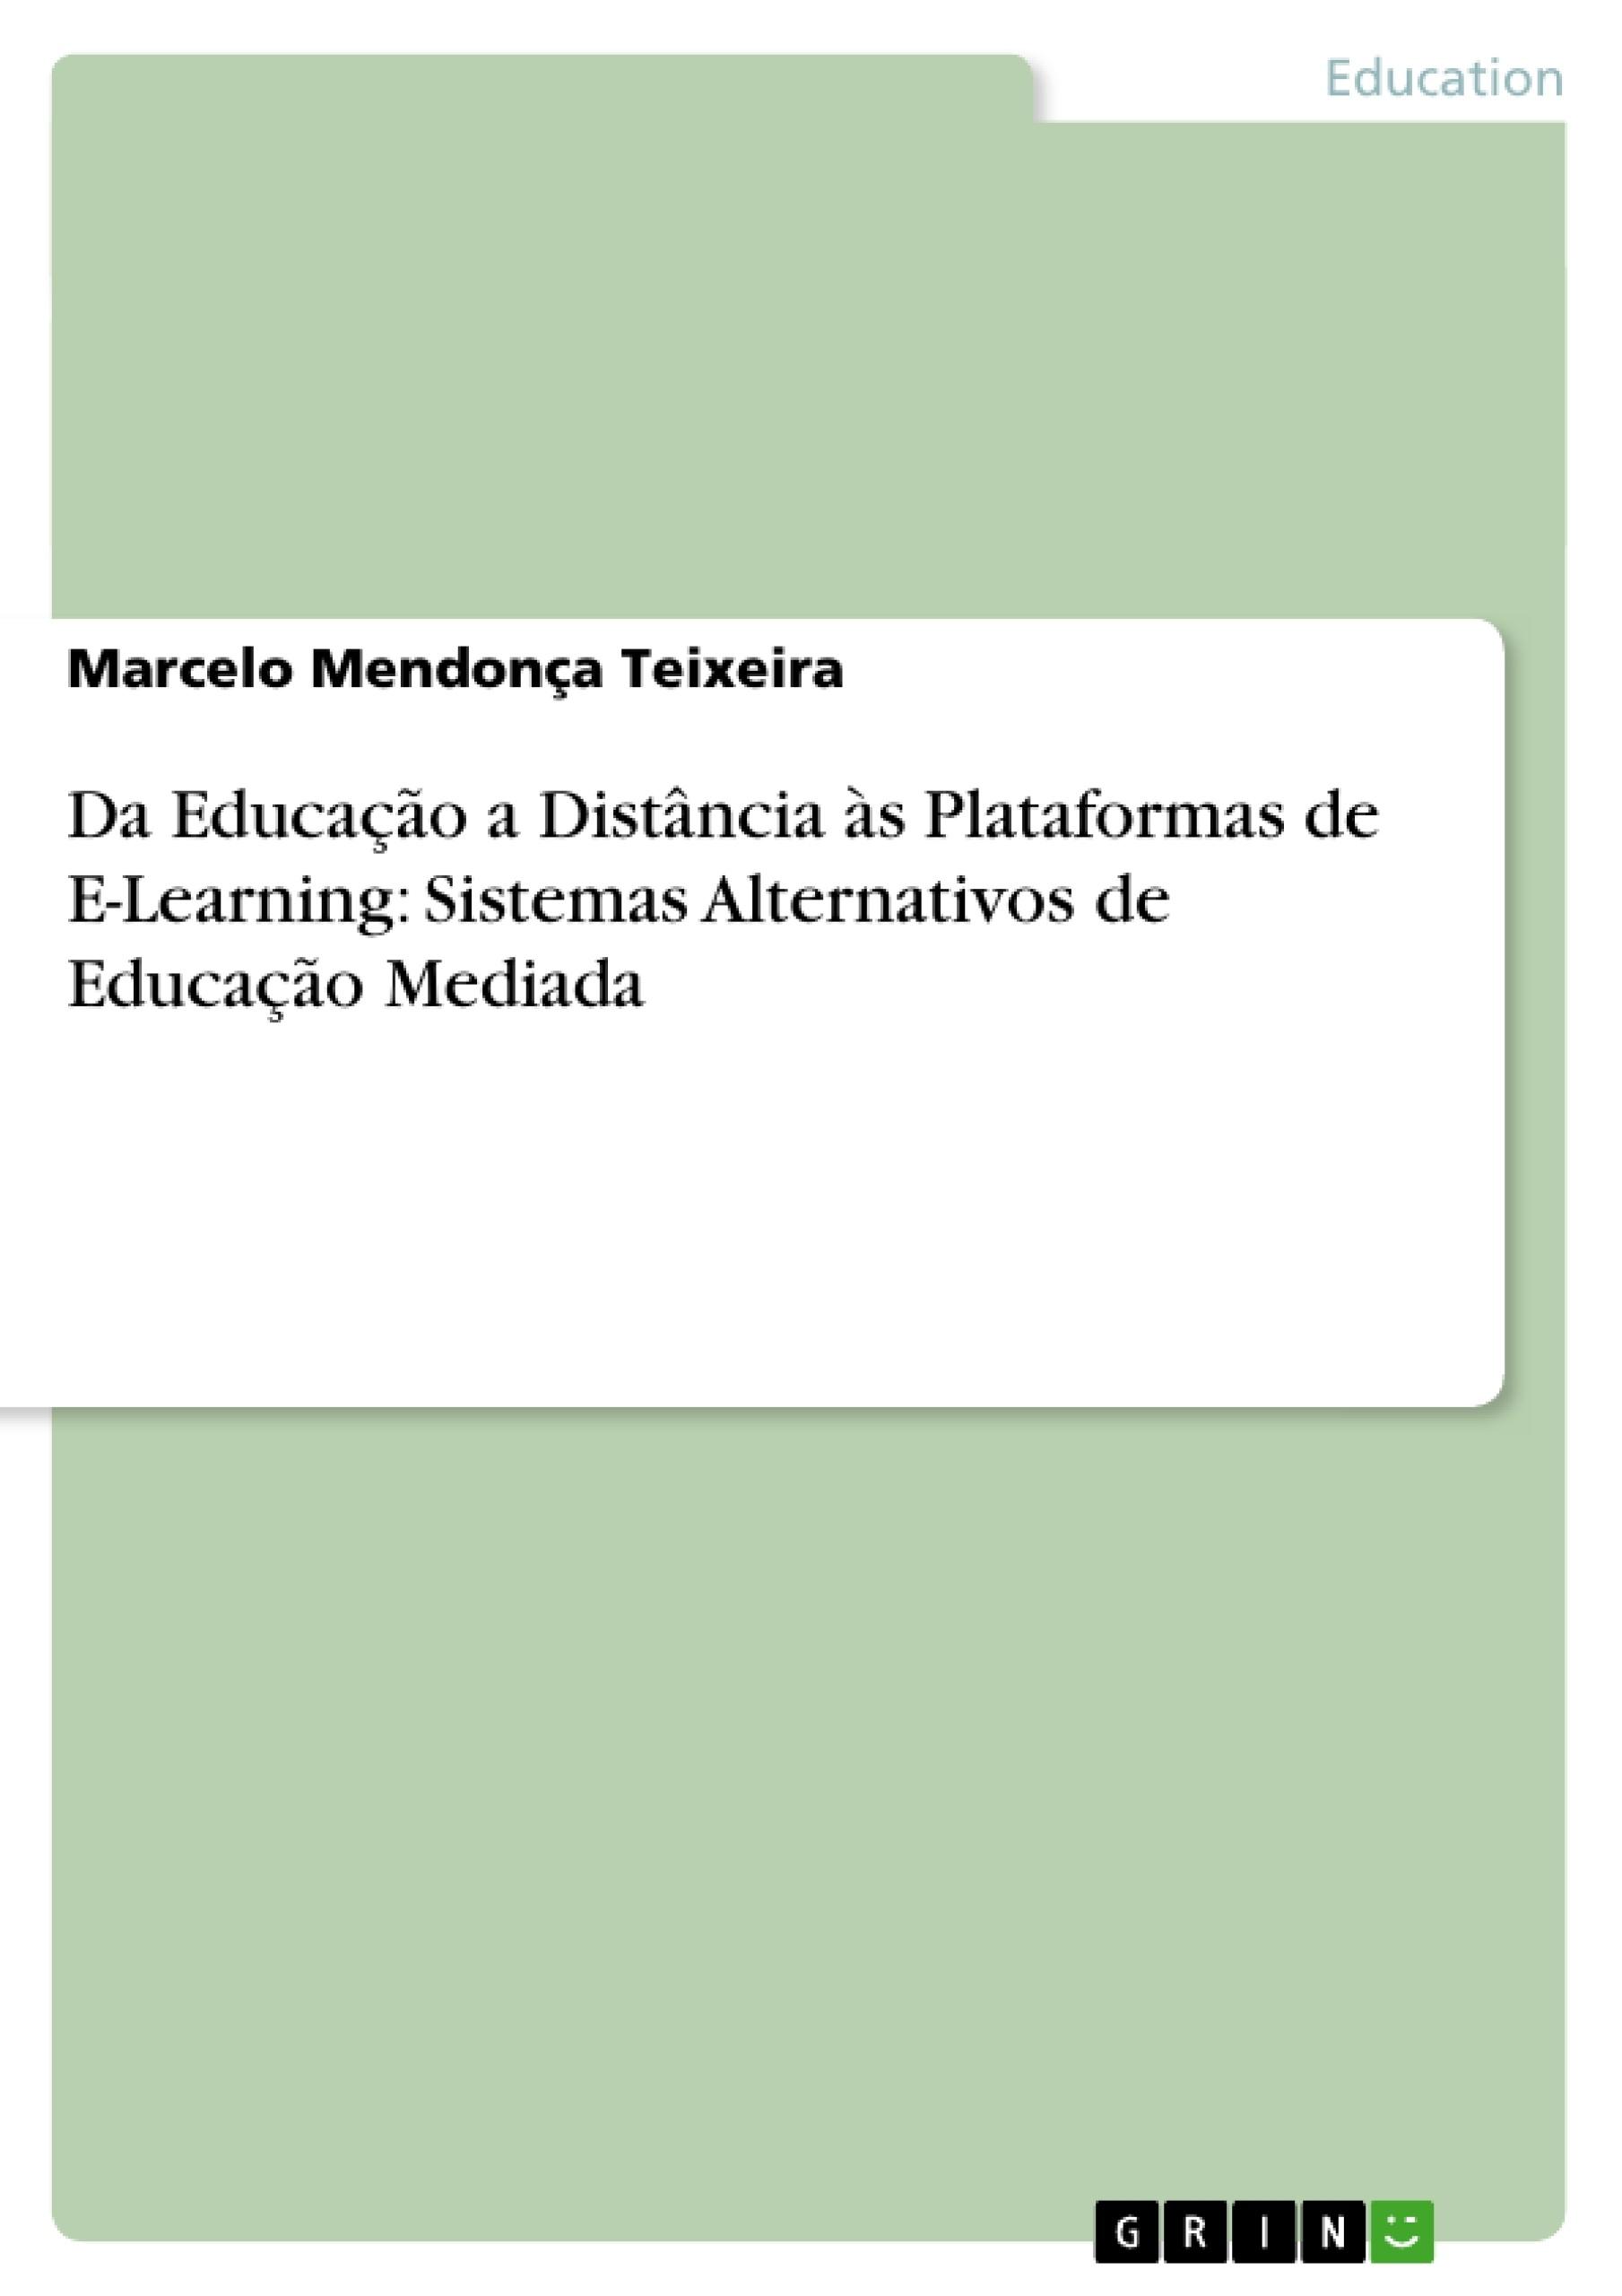 Title: Da Educação a Distância às Plataformas de E-Learning: Sistemas Alternativos de Educação Mediada